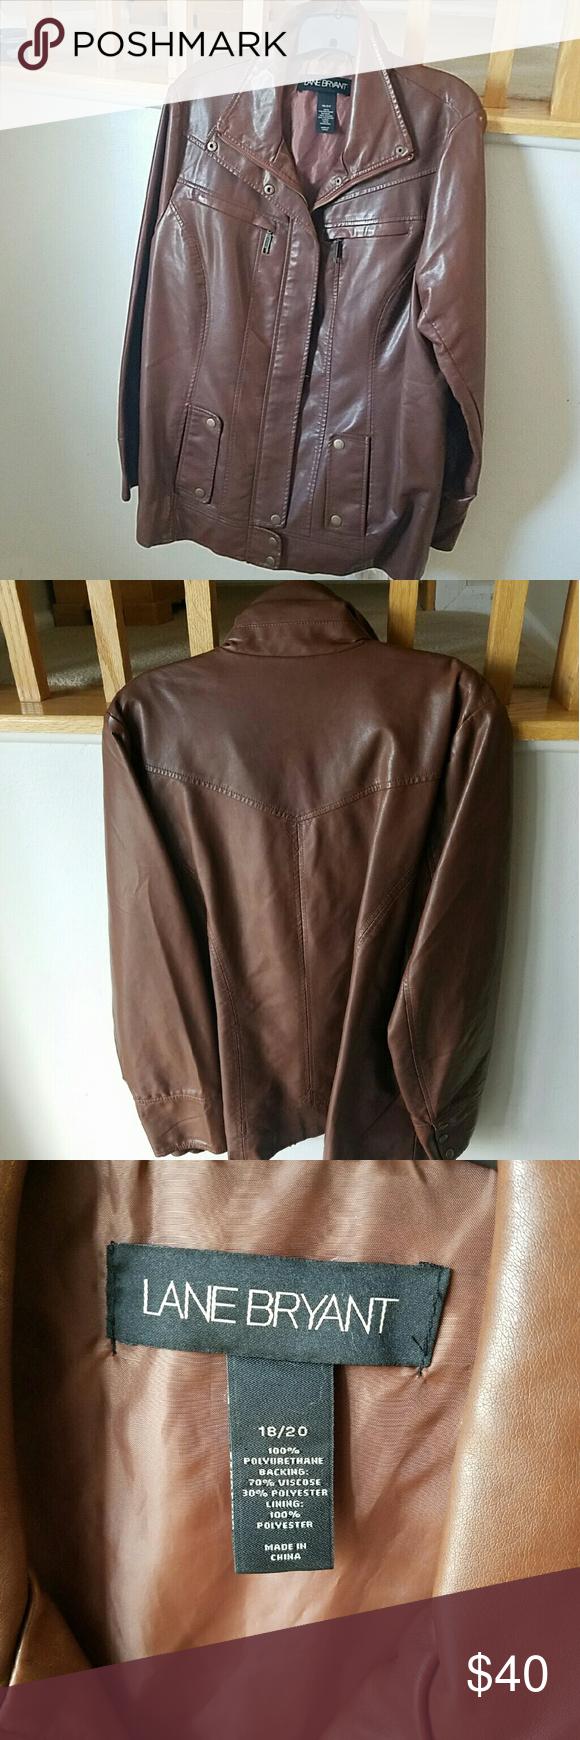 Leather jacket size 18 - Leather